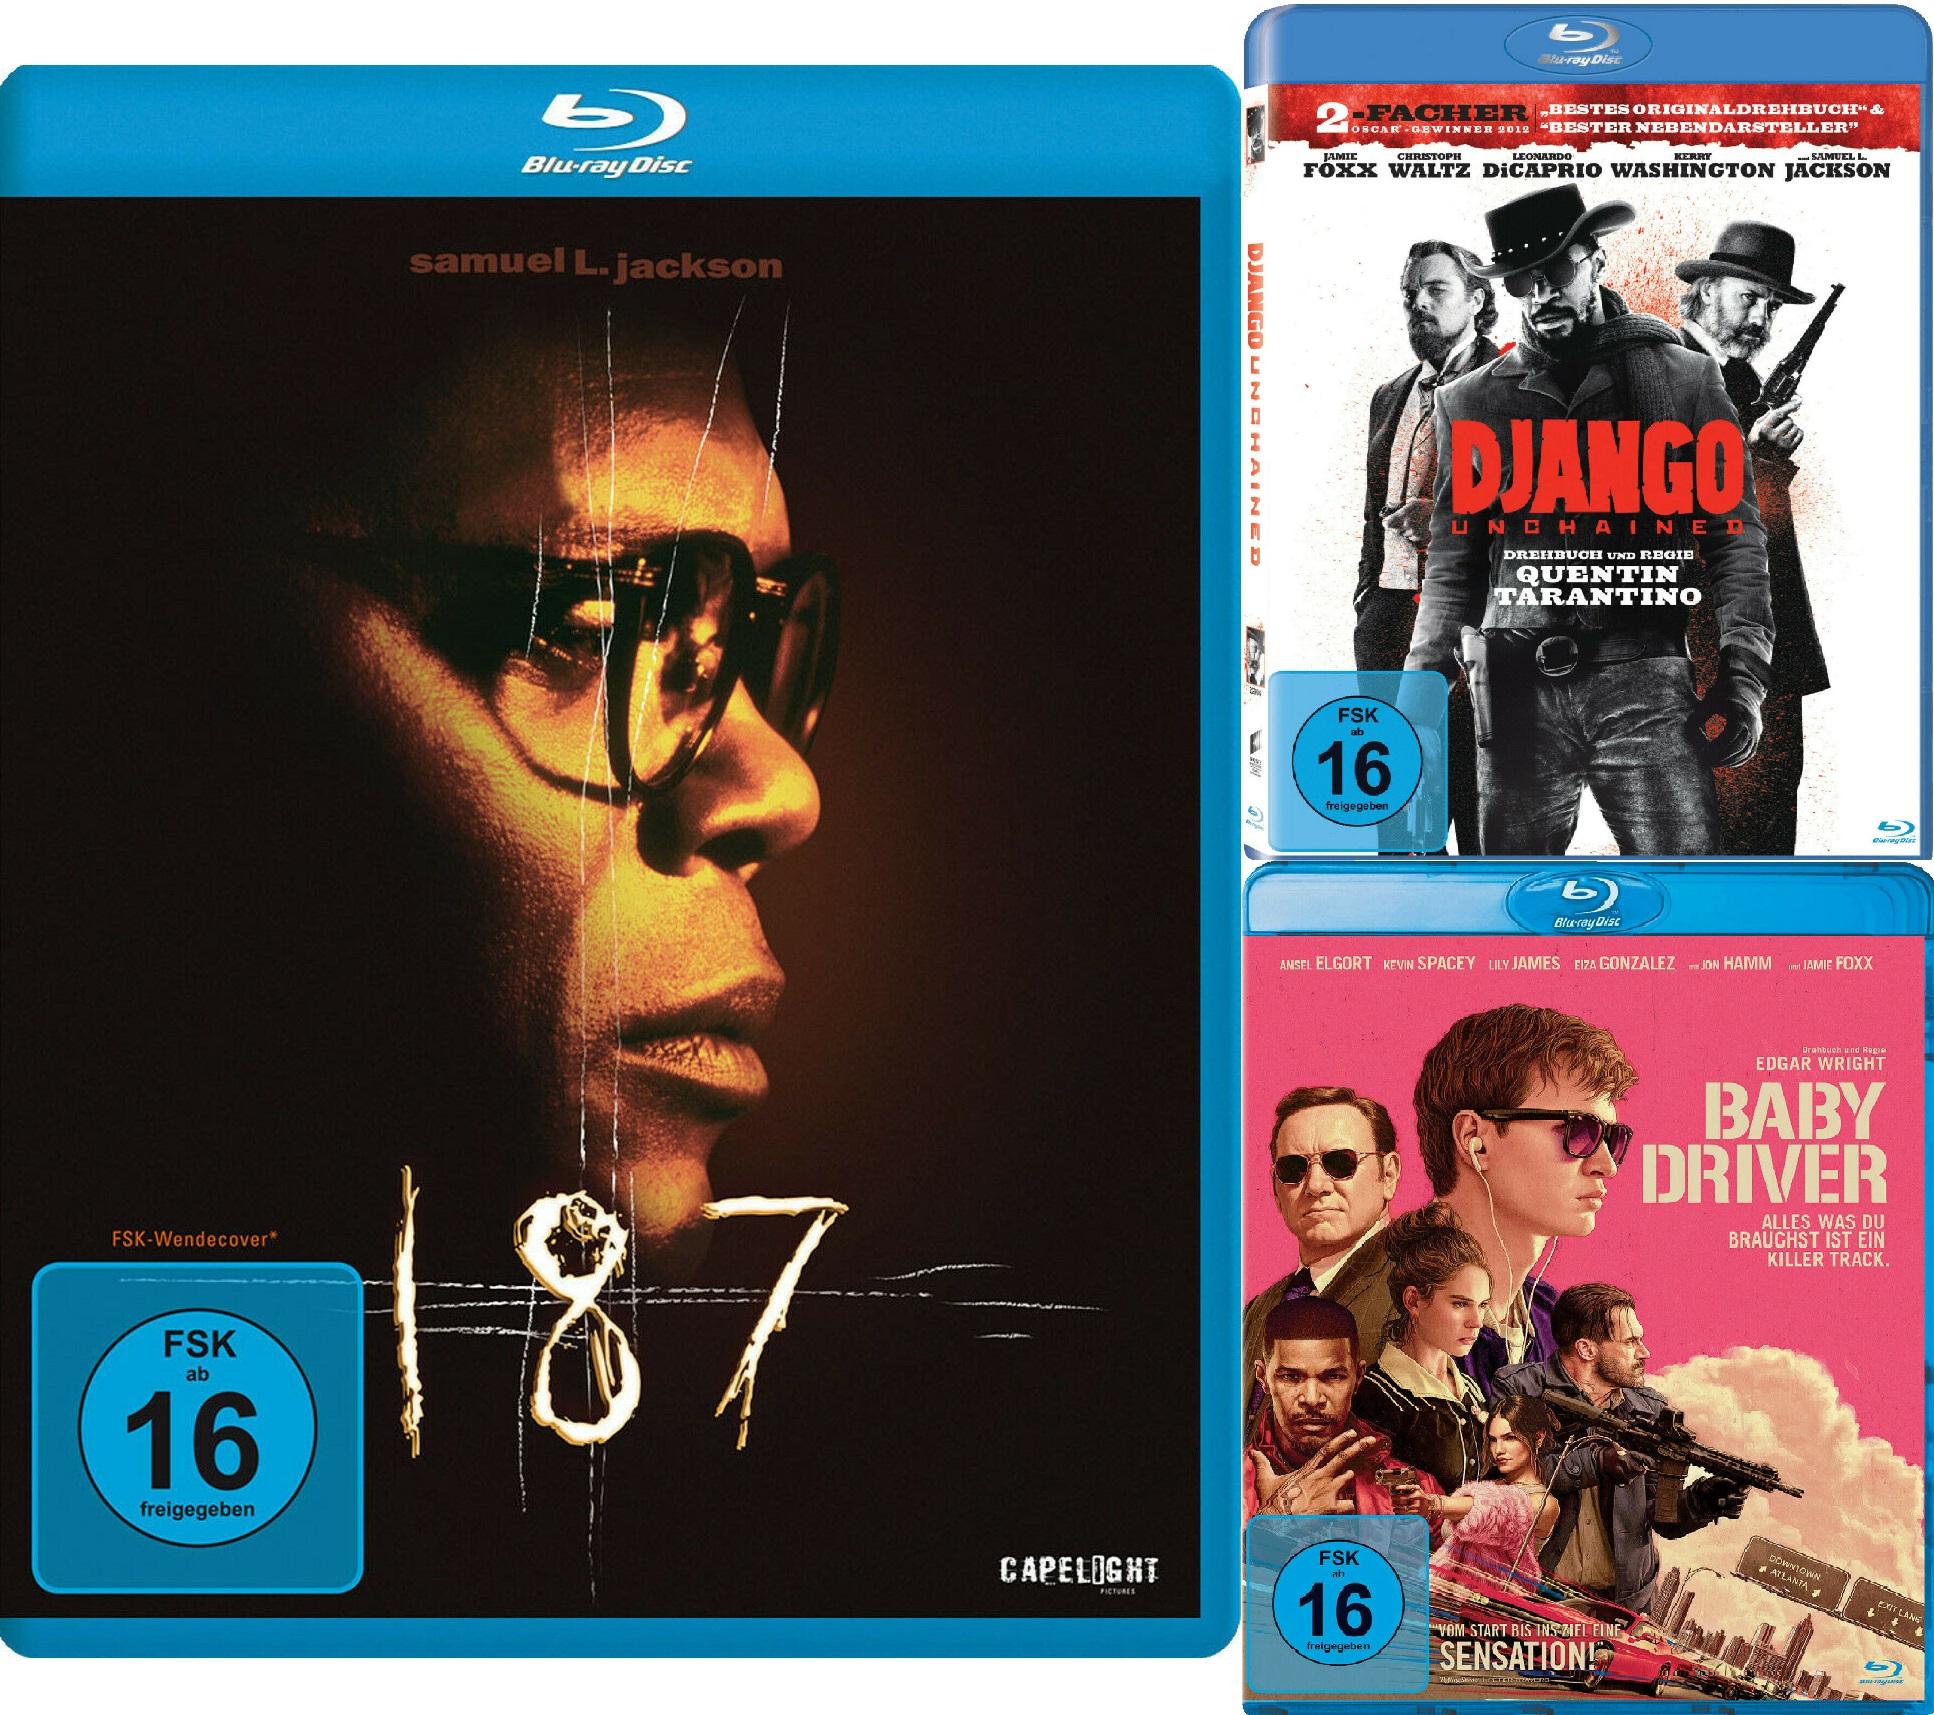 Django Unchained / 187 - Eine tödliche Zahl / Baby Driver auf Blu-ray für je 4,50€ inkl. Versand